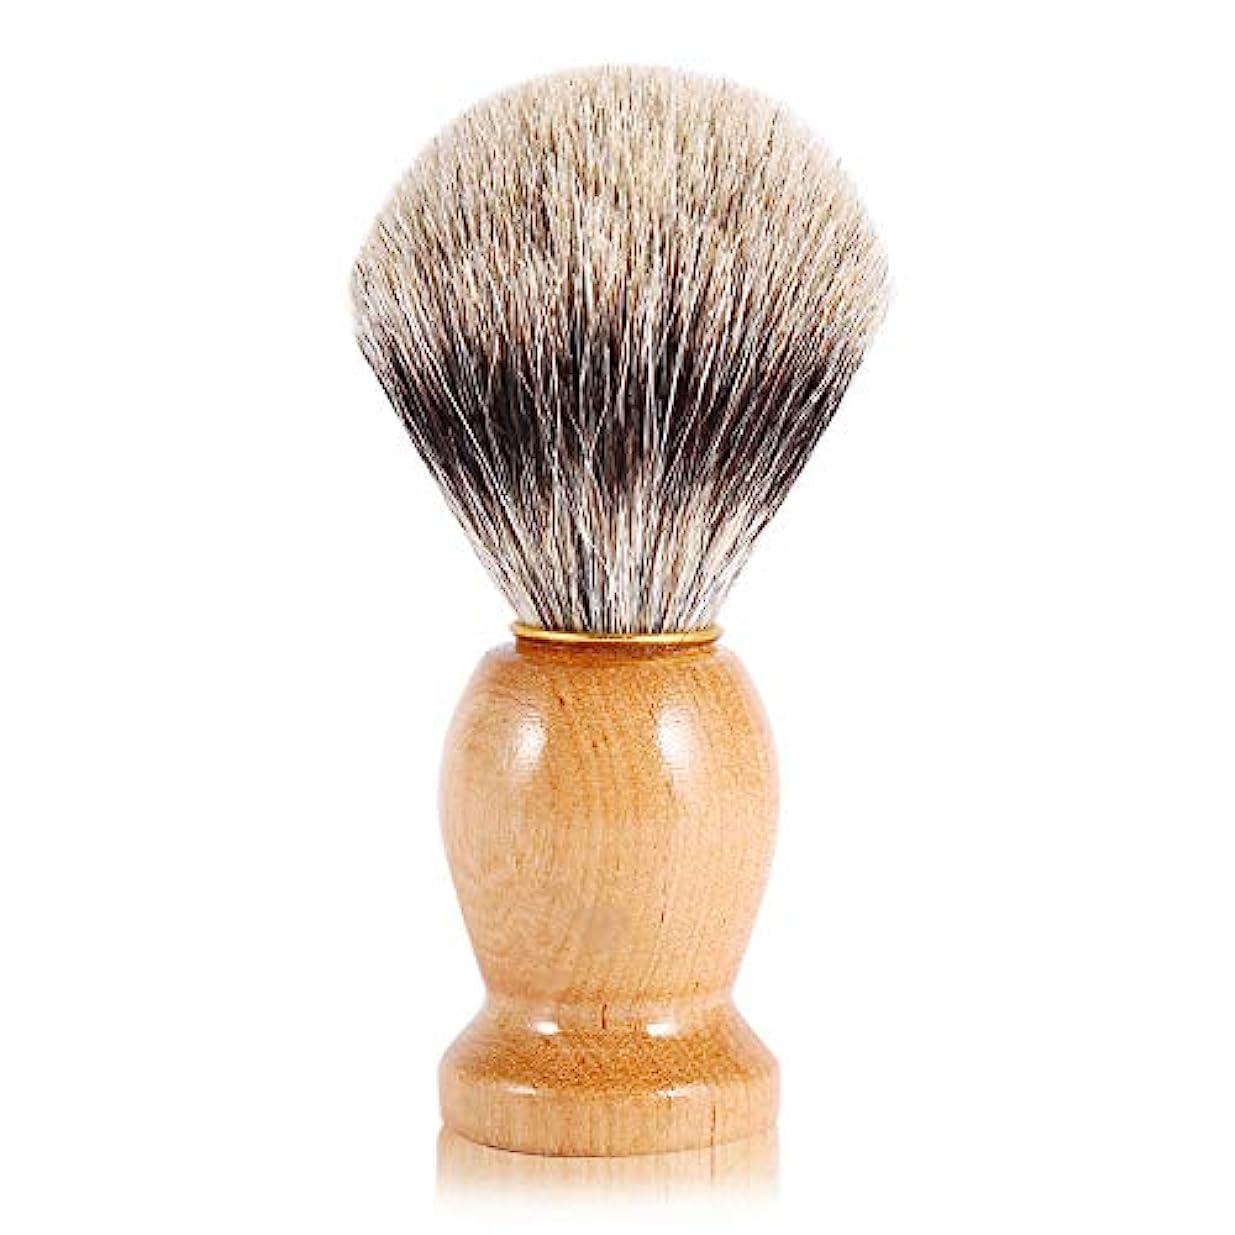 書店胚理論的Qinlorgo シェービングブラシ メンズ シェービングブラシ あご髭シェービングブラシ フェイシャルクリーニングブラシ バーバーサロンツール 男性用髭剃り用